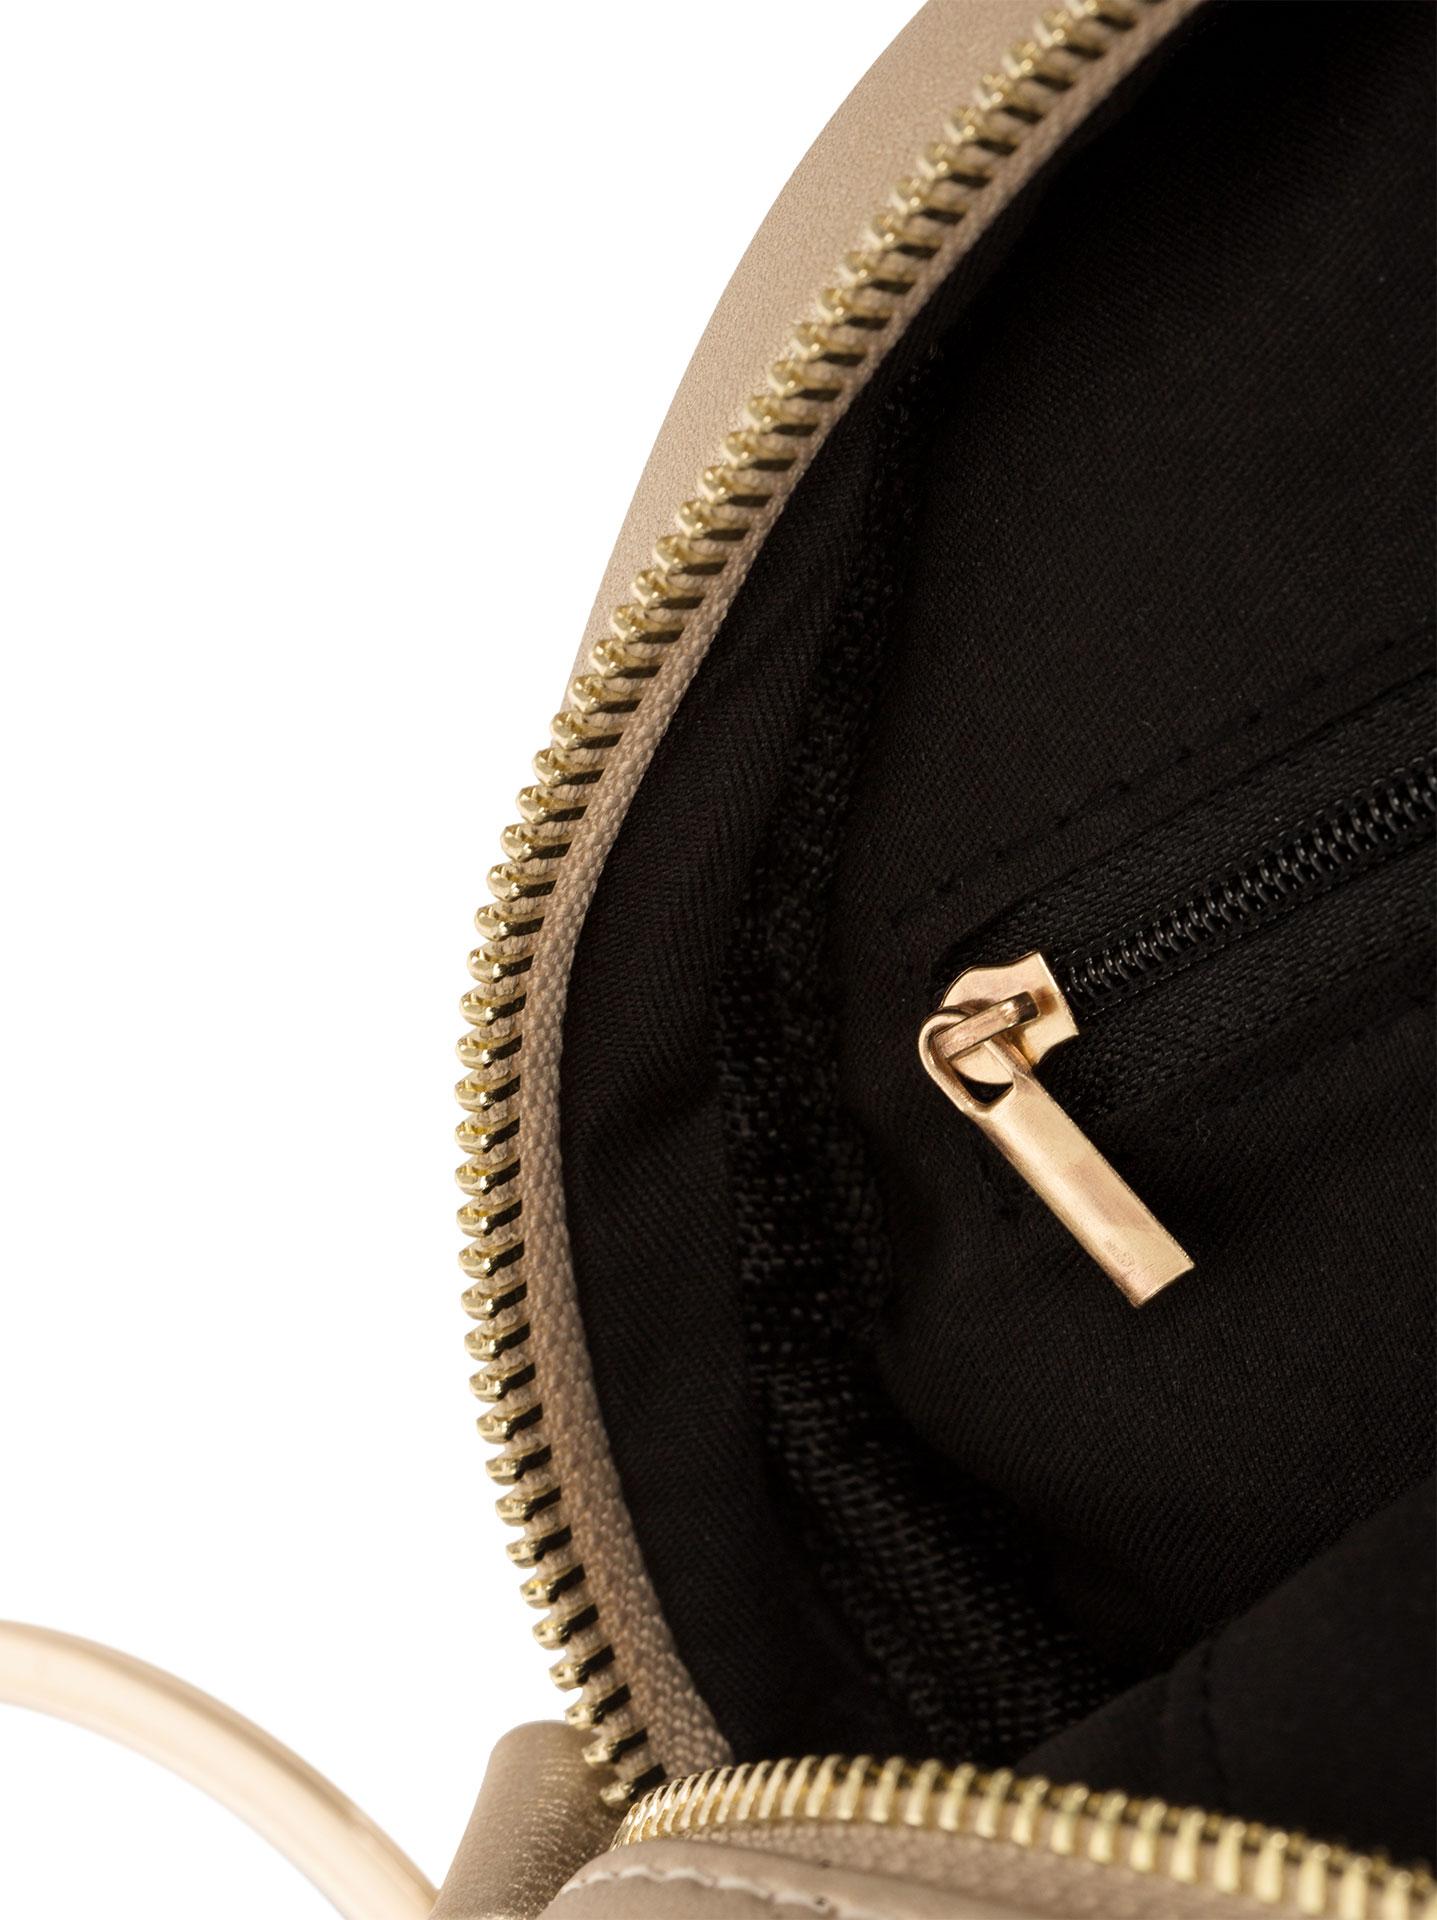 Στρογγυλή ανάγλυφη τσάντα με κρίκο σε χρυσαφι 667a66947a5